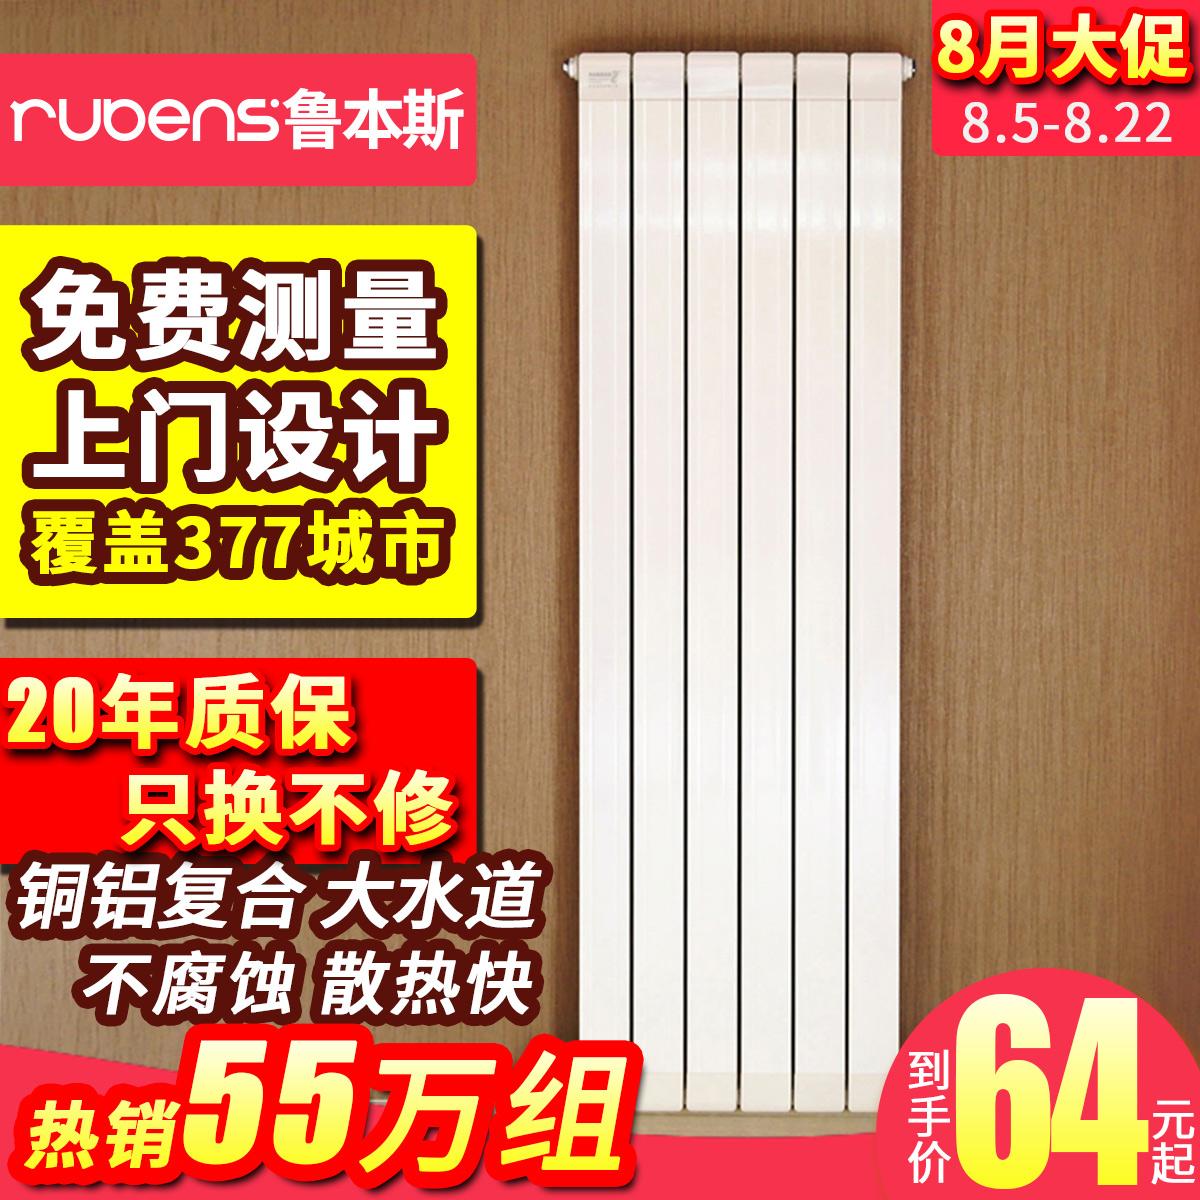 Провинция шаньдун это этот нагреватель лист домой вода теплый медь и алюминий комплекс настенный стиль декоративный изменение тепло живая вода горячей сделанный на заказ коллекция теплый